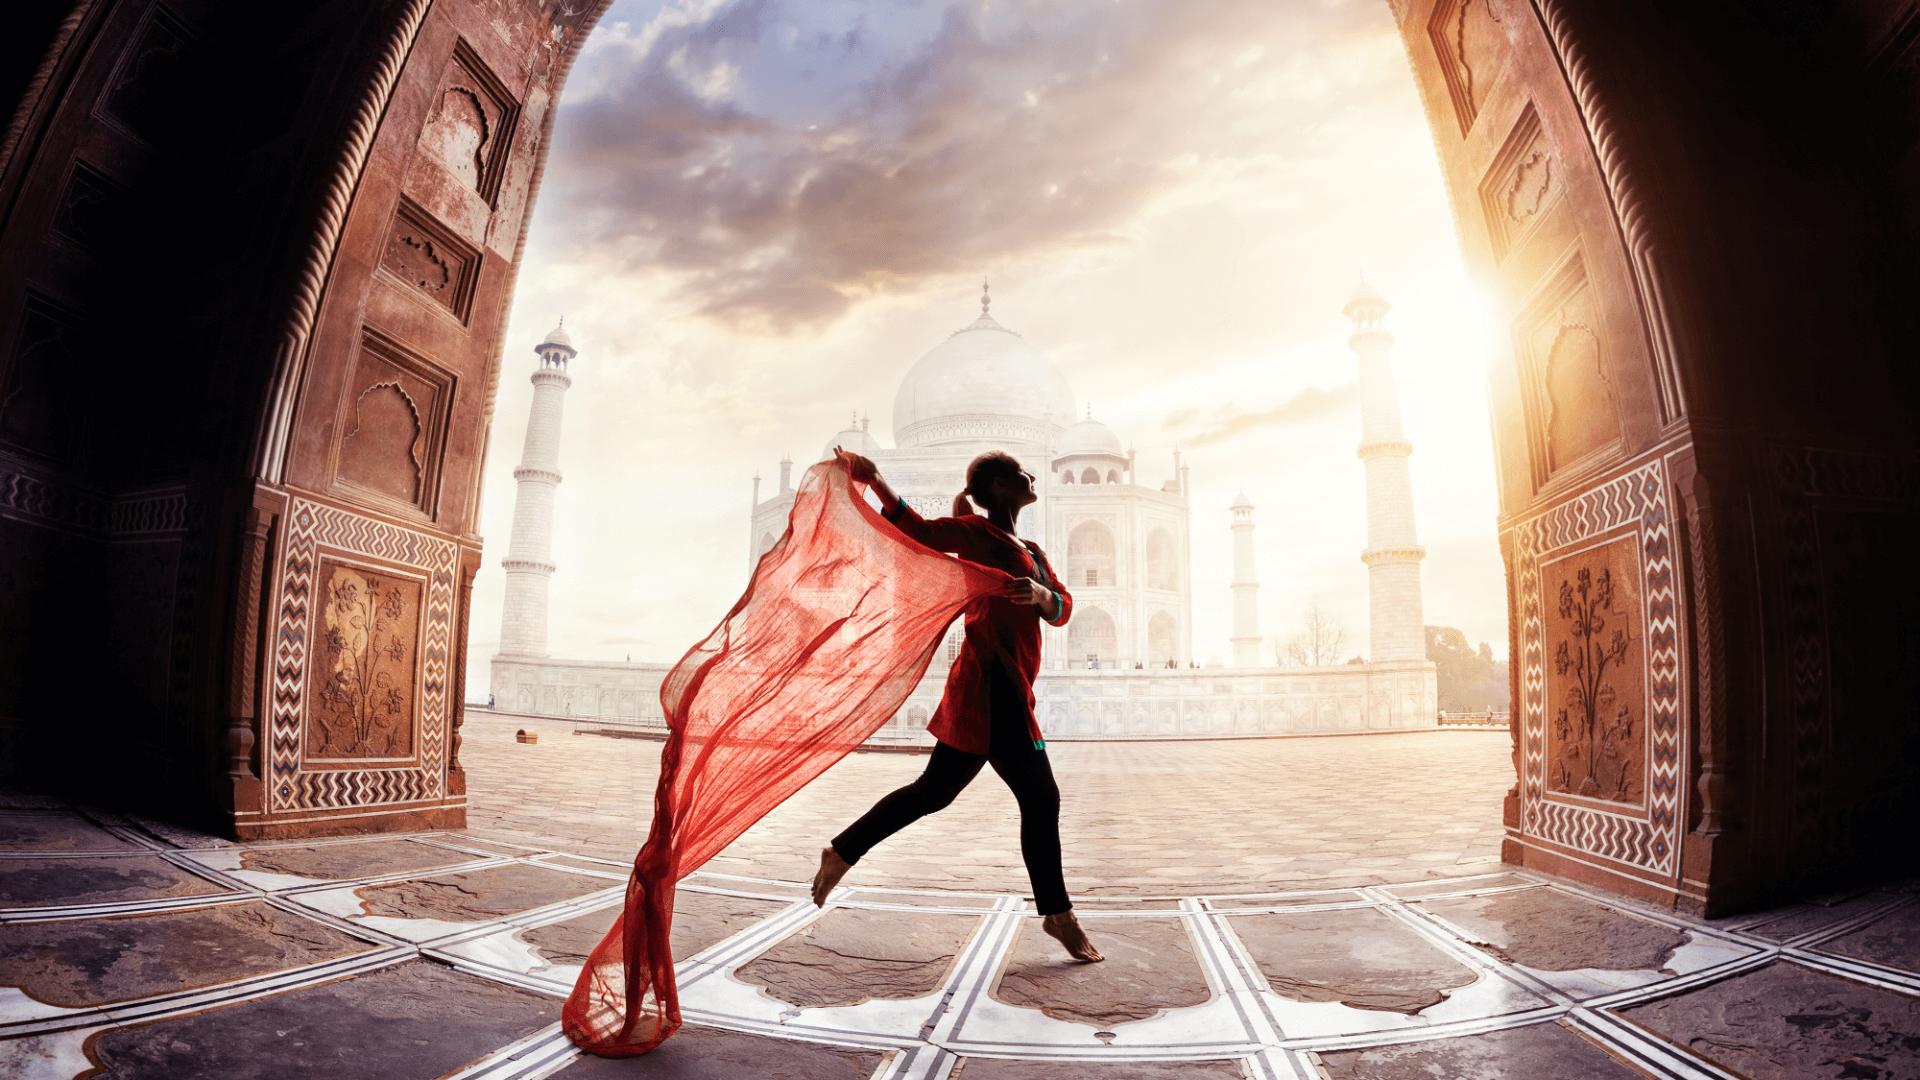 Mistik Bir Asya Yolculuğuyla Kendinizi Keşfe Çıkın!